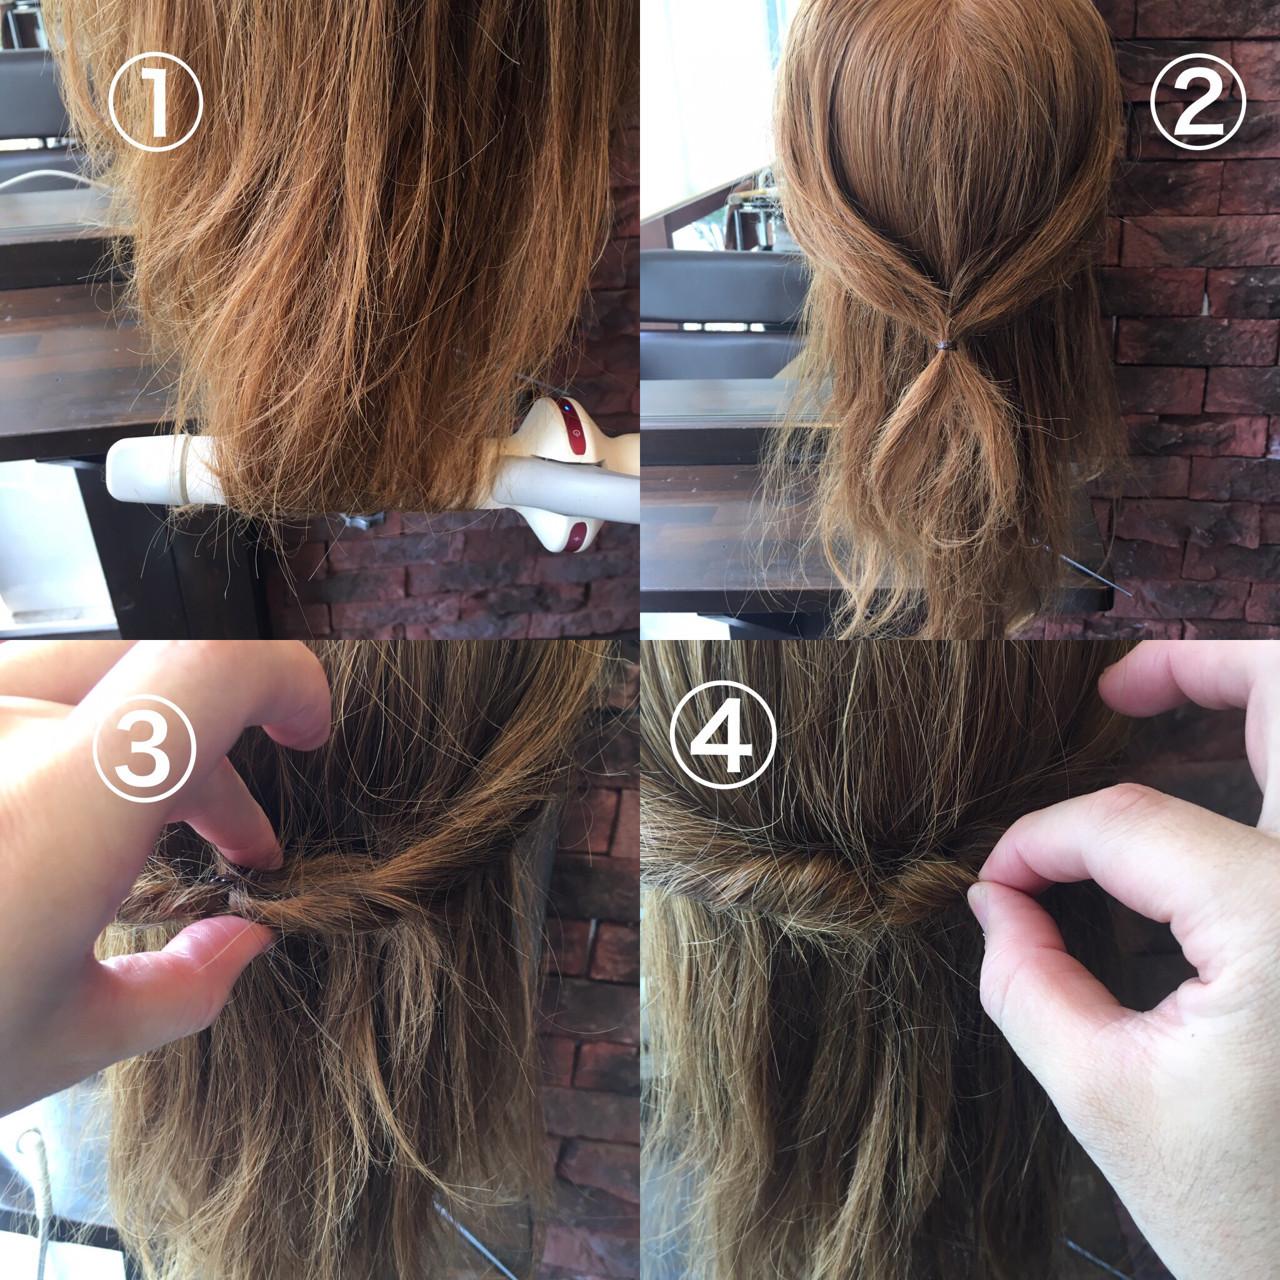 ハーフアップ セミロング ヘアアレンジ セルフヘアアレンジ ヘアスタイルや髪型の写真・画像